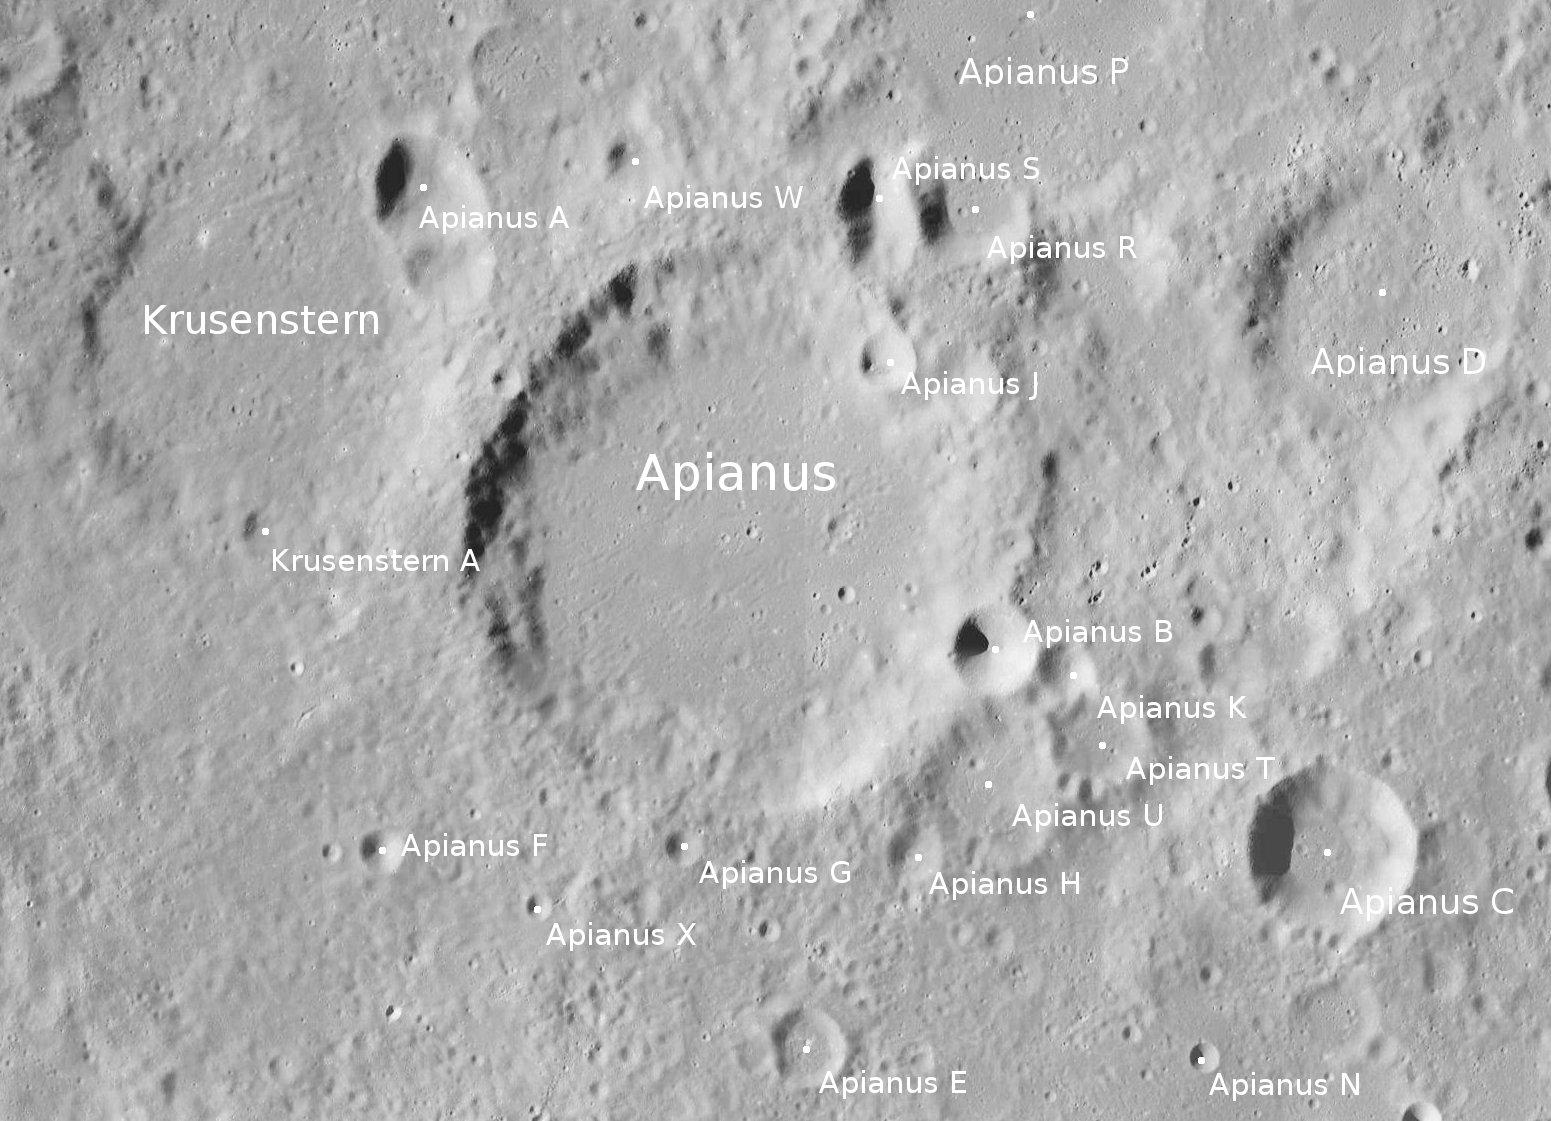 Apianus + Krusenstern - LROC - WAC.JPG